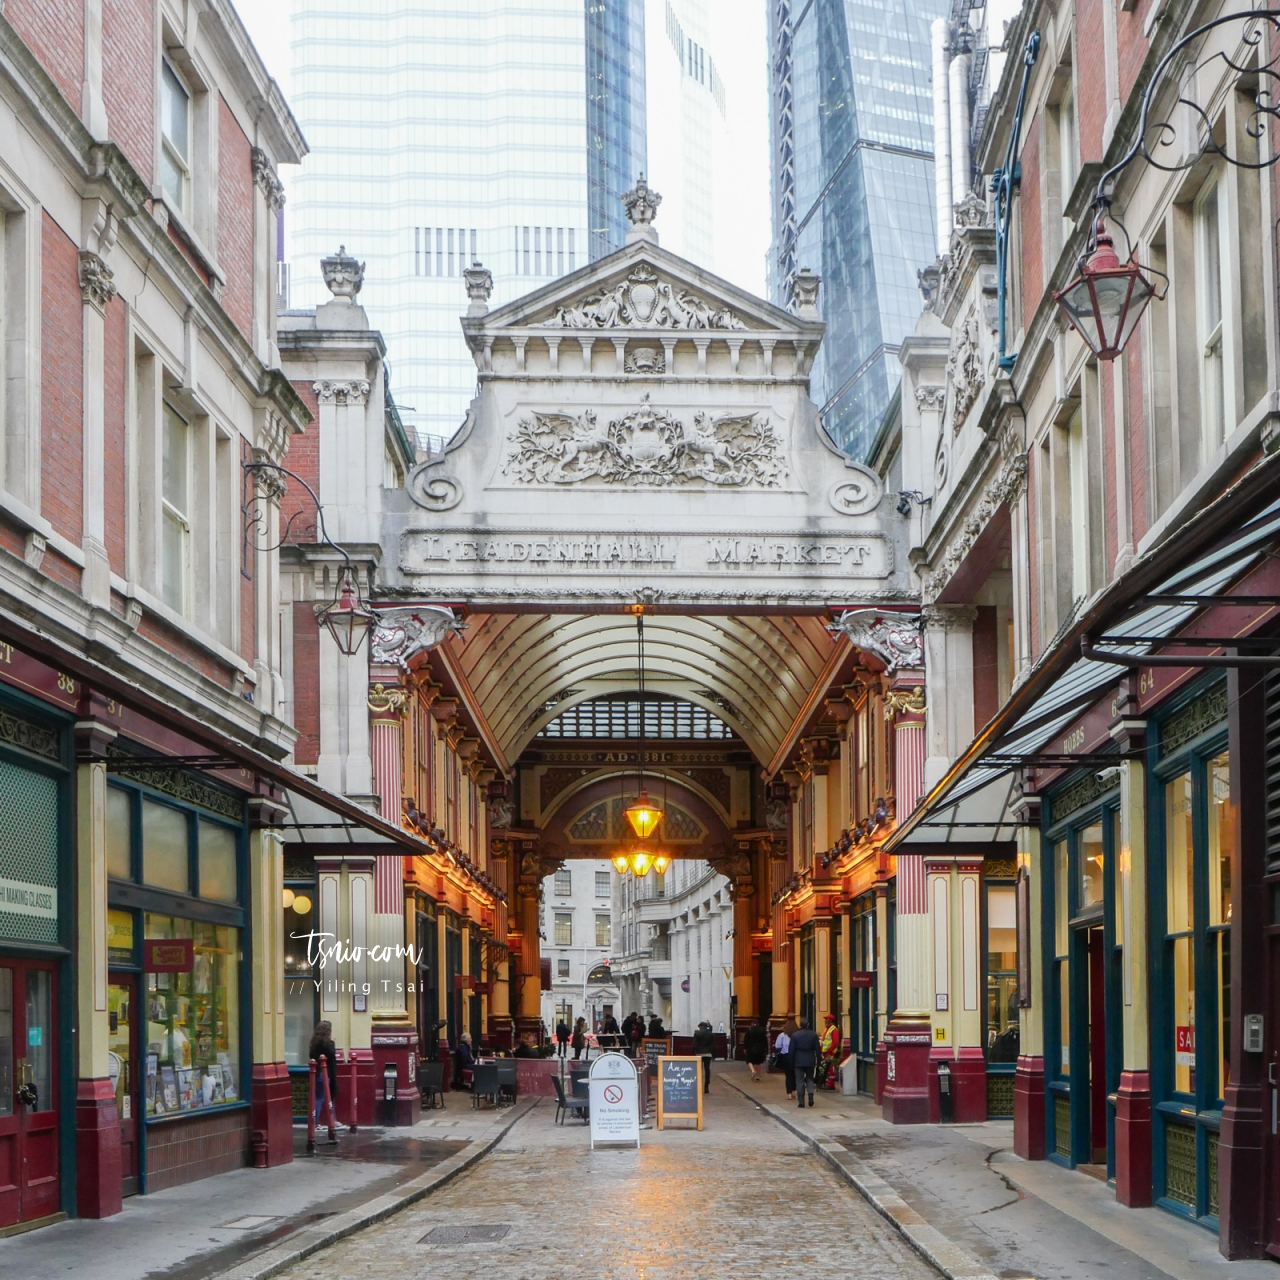 英國倫敦景點 Leadenhall Market 利德賀市場 華麗古典維多利亞建築